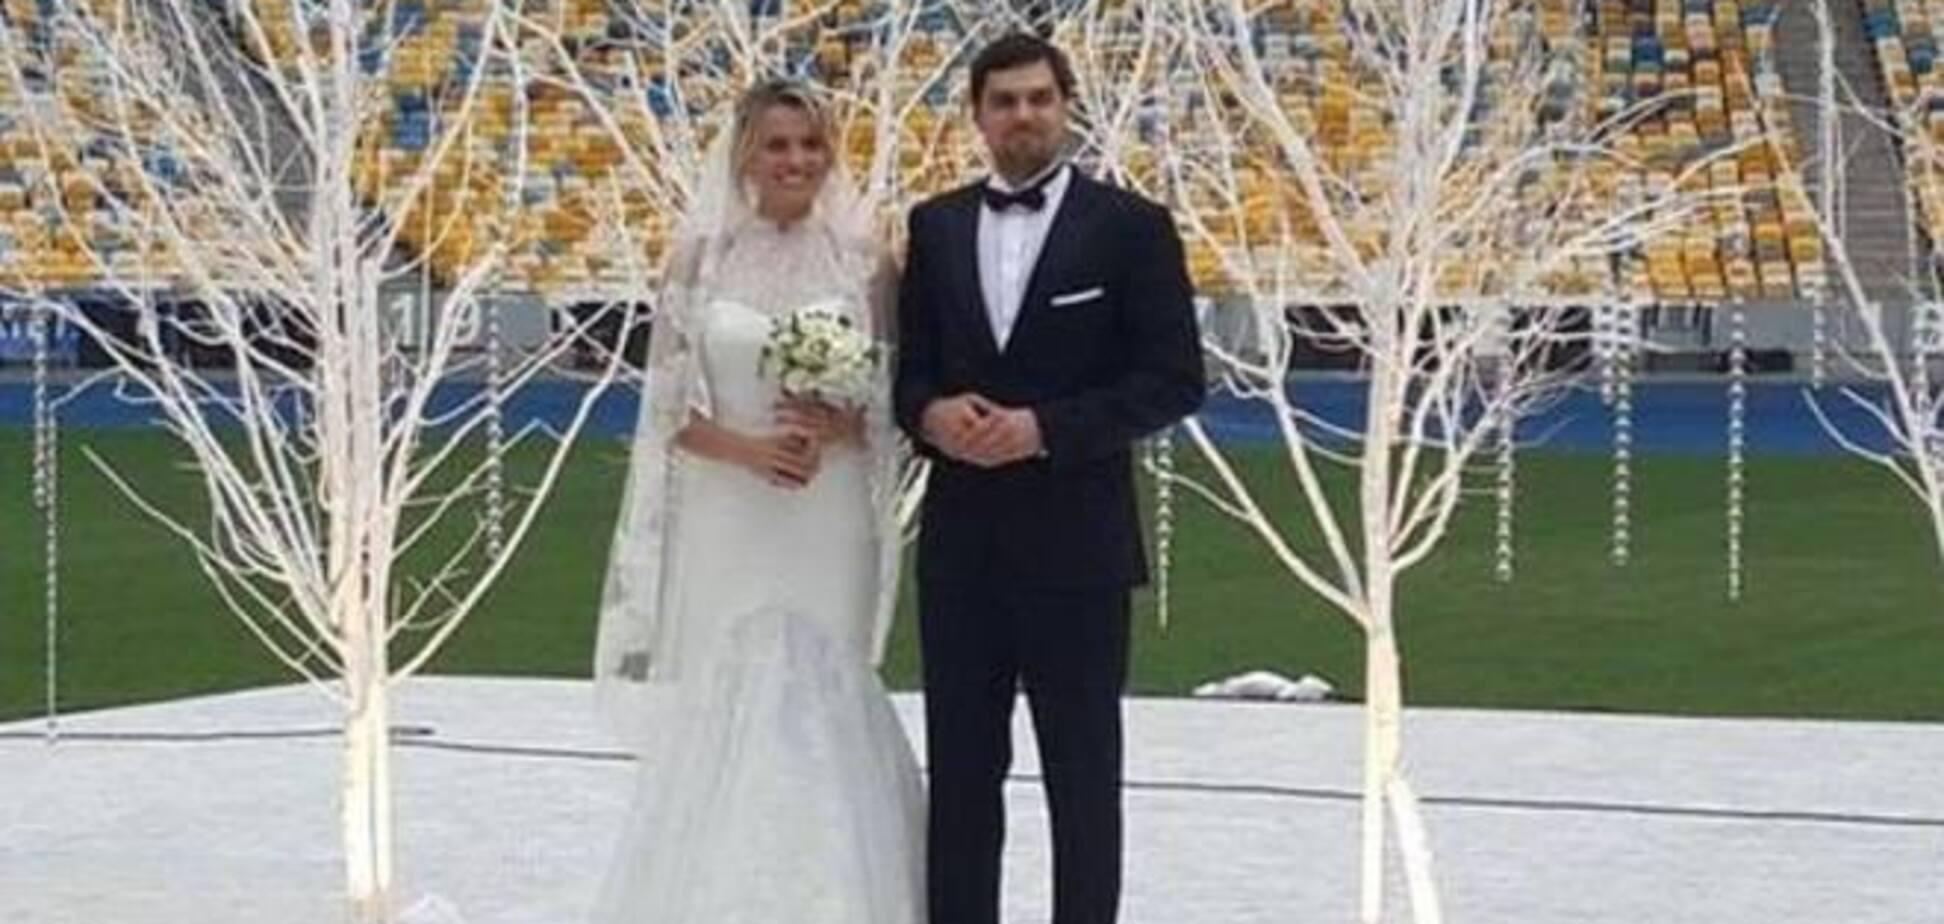 Олимпийская чемпионка Добрынская вышла замуж за 'Холостяка-4'